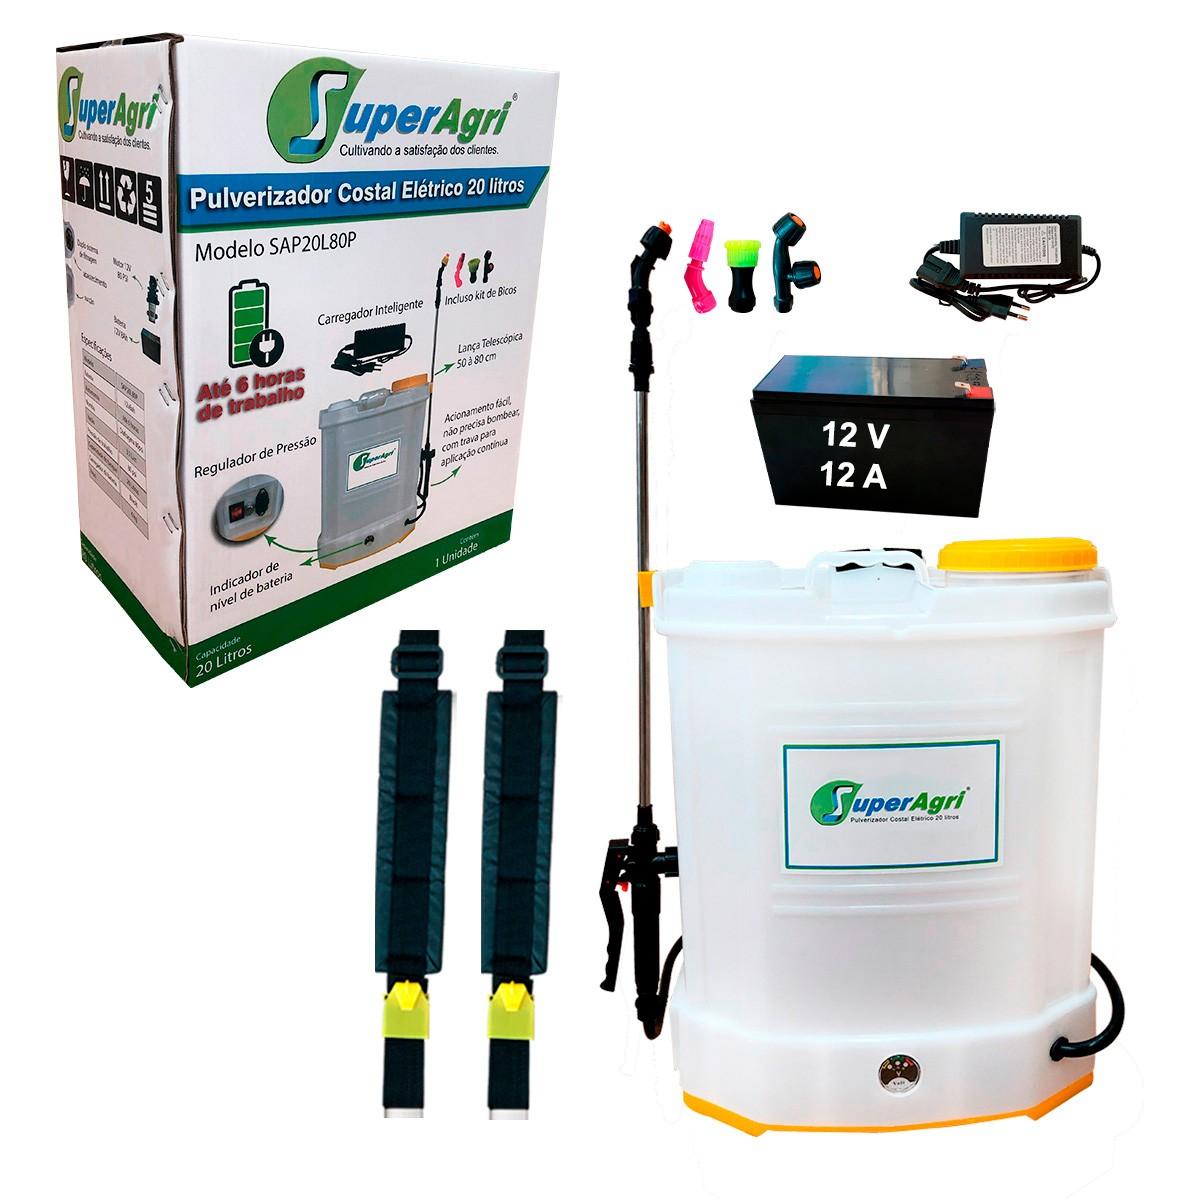 Pulverizador Costal Elétrico 20 Litros 80 PSI Bateria 12V 12Ah